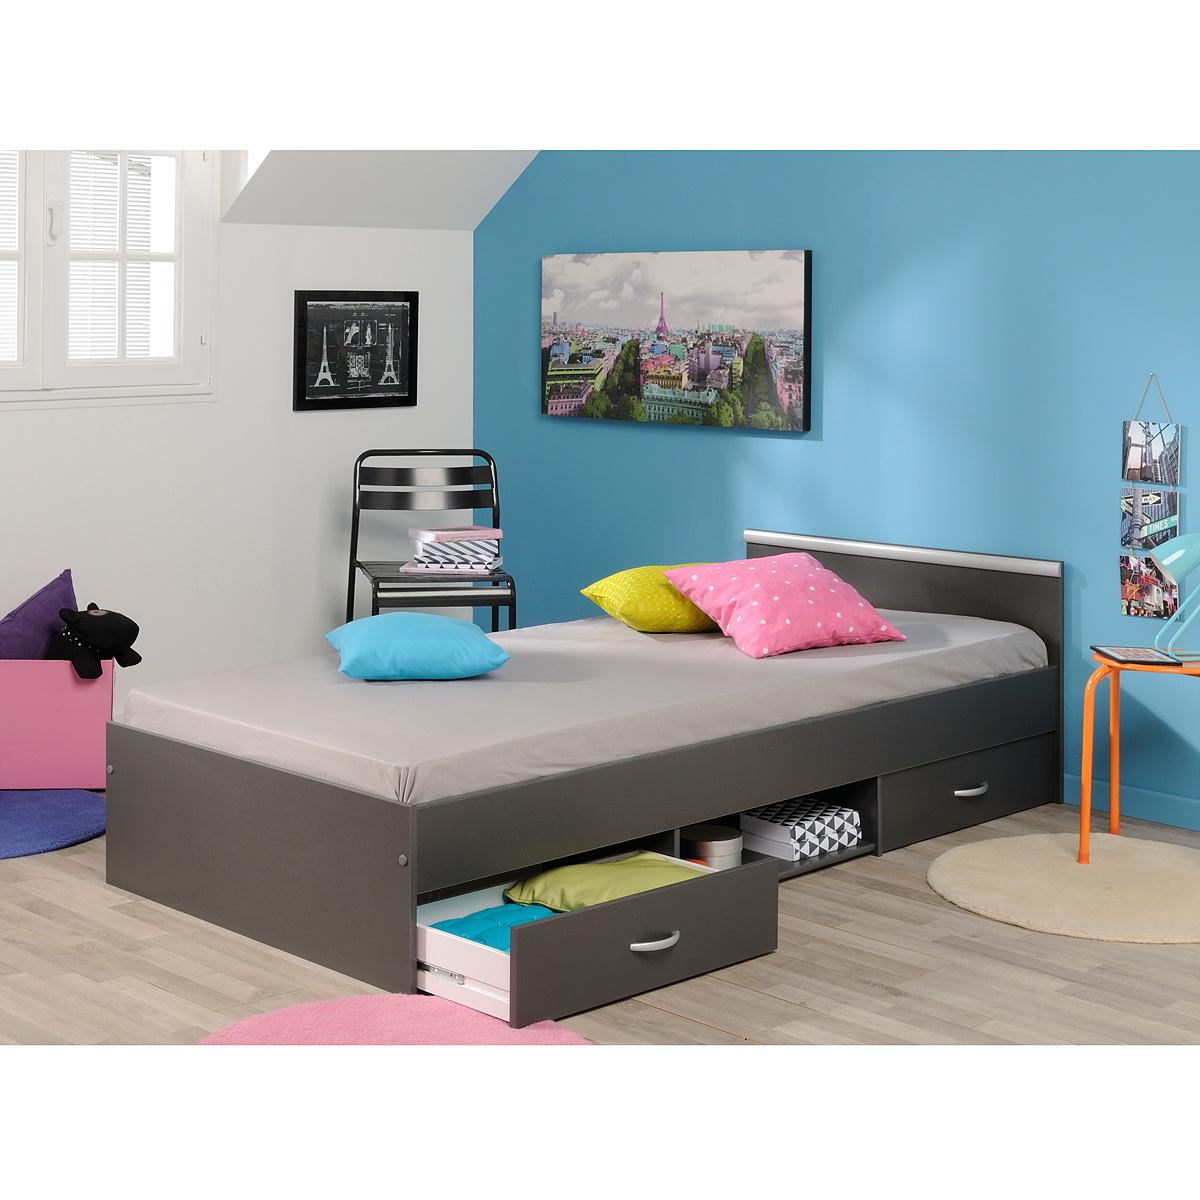 stauraum bett cool hohe betten mit stauraum von herrlich gro mit zustzlichem stauraum bett. Black Bedroom Furniture Sets. Home Design Ideas